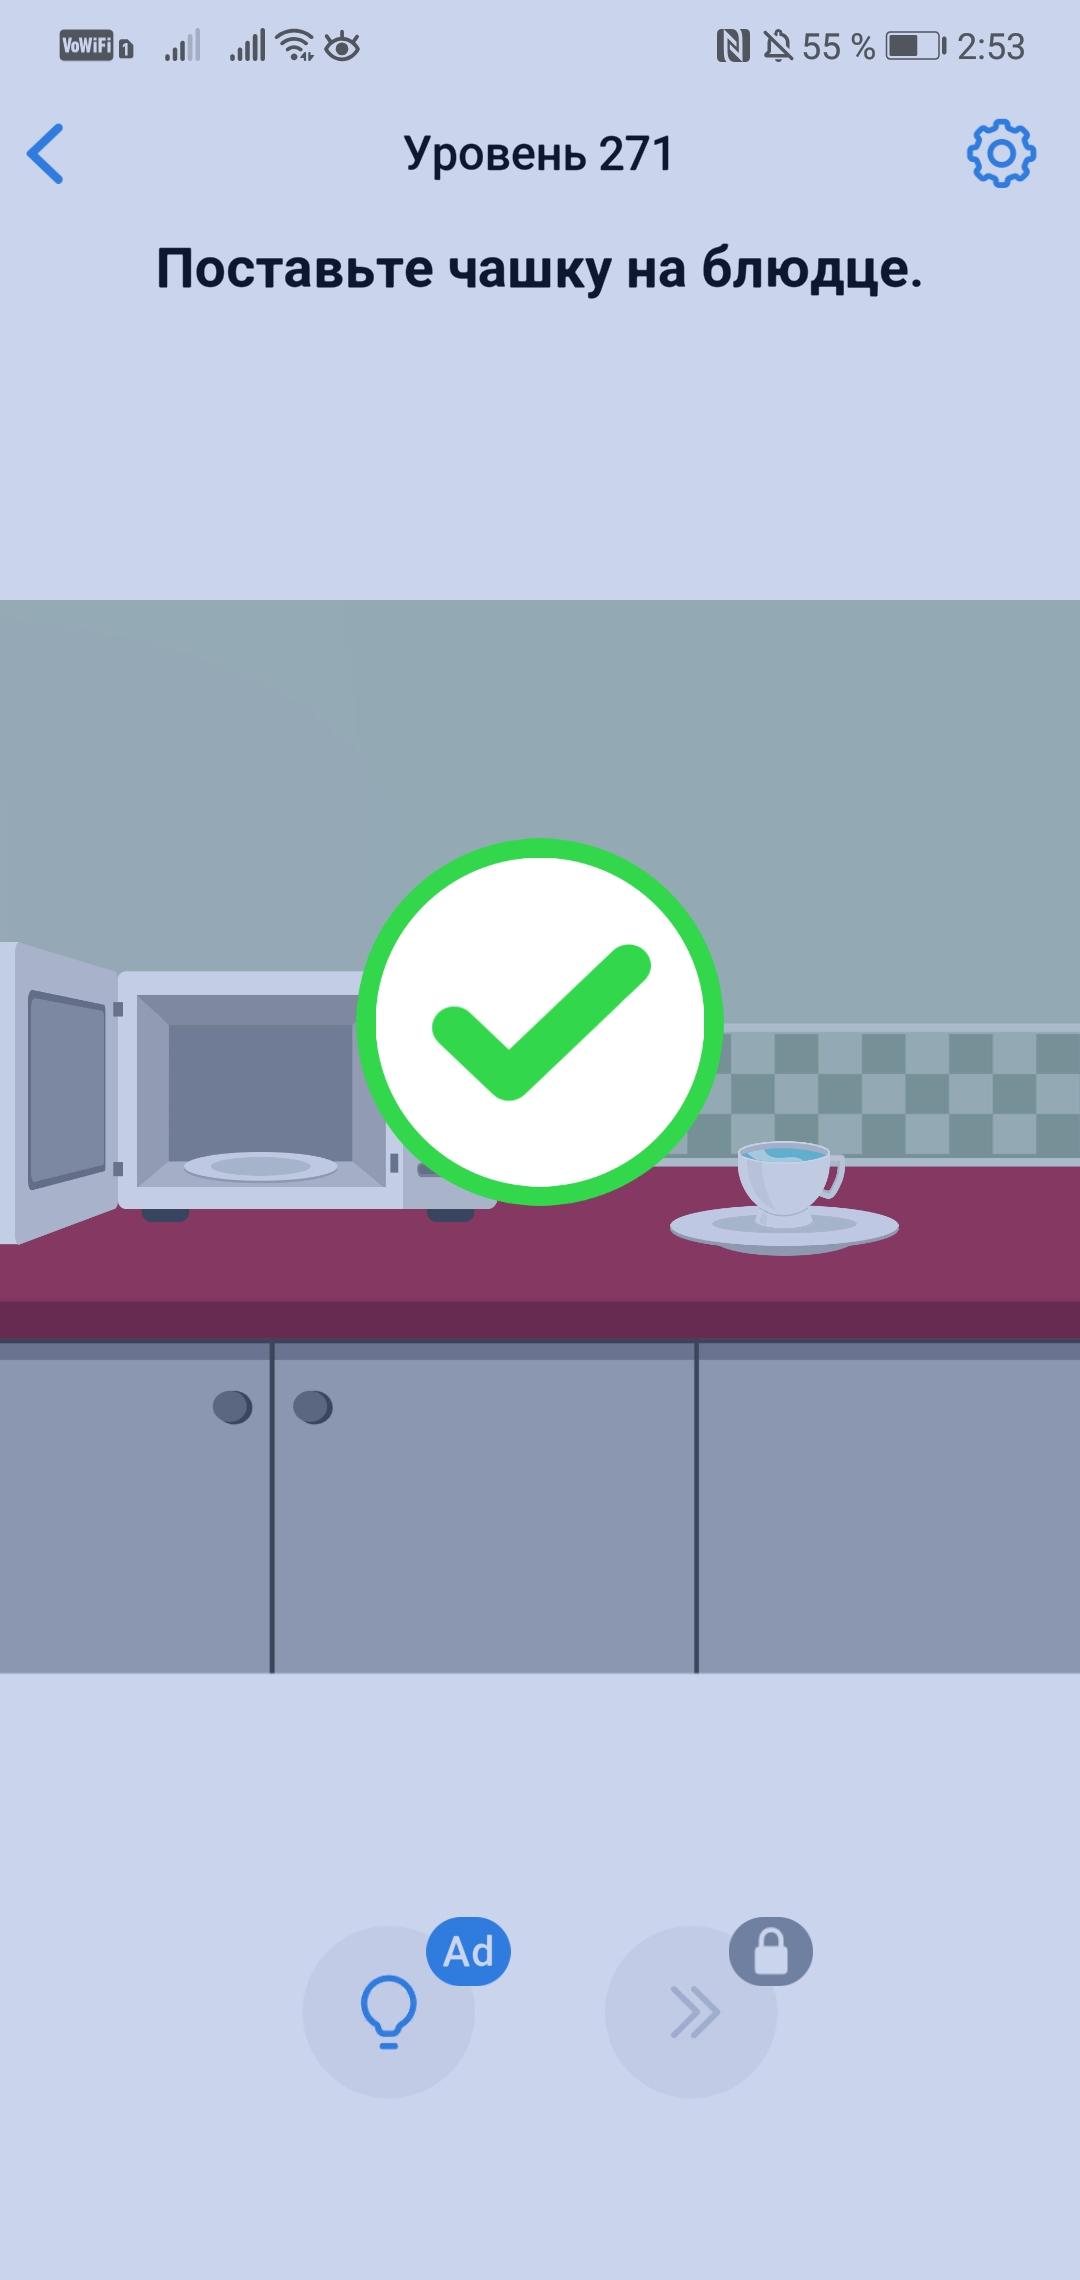 Easy Game - 271 уровень - Поставьте чашку на блюдце.